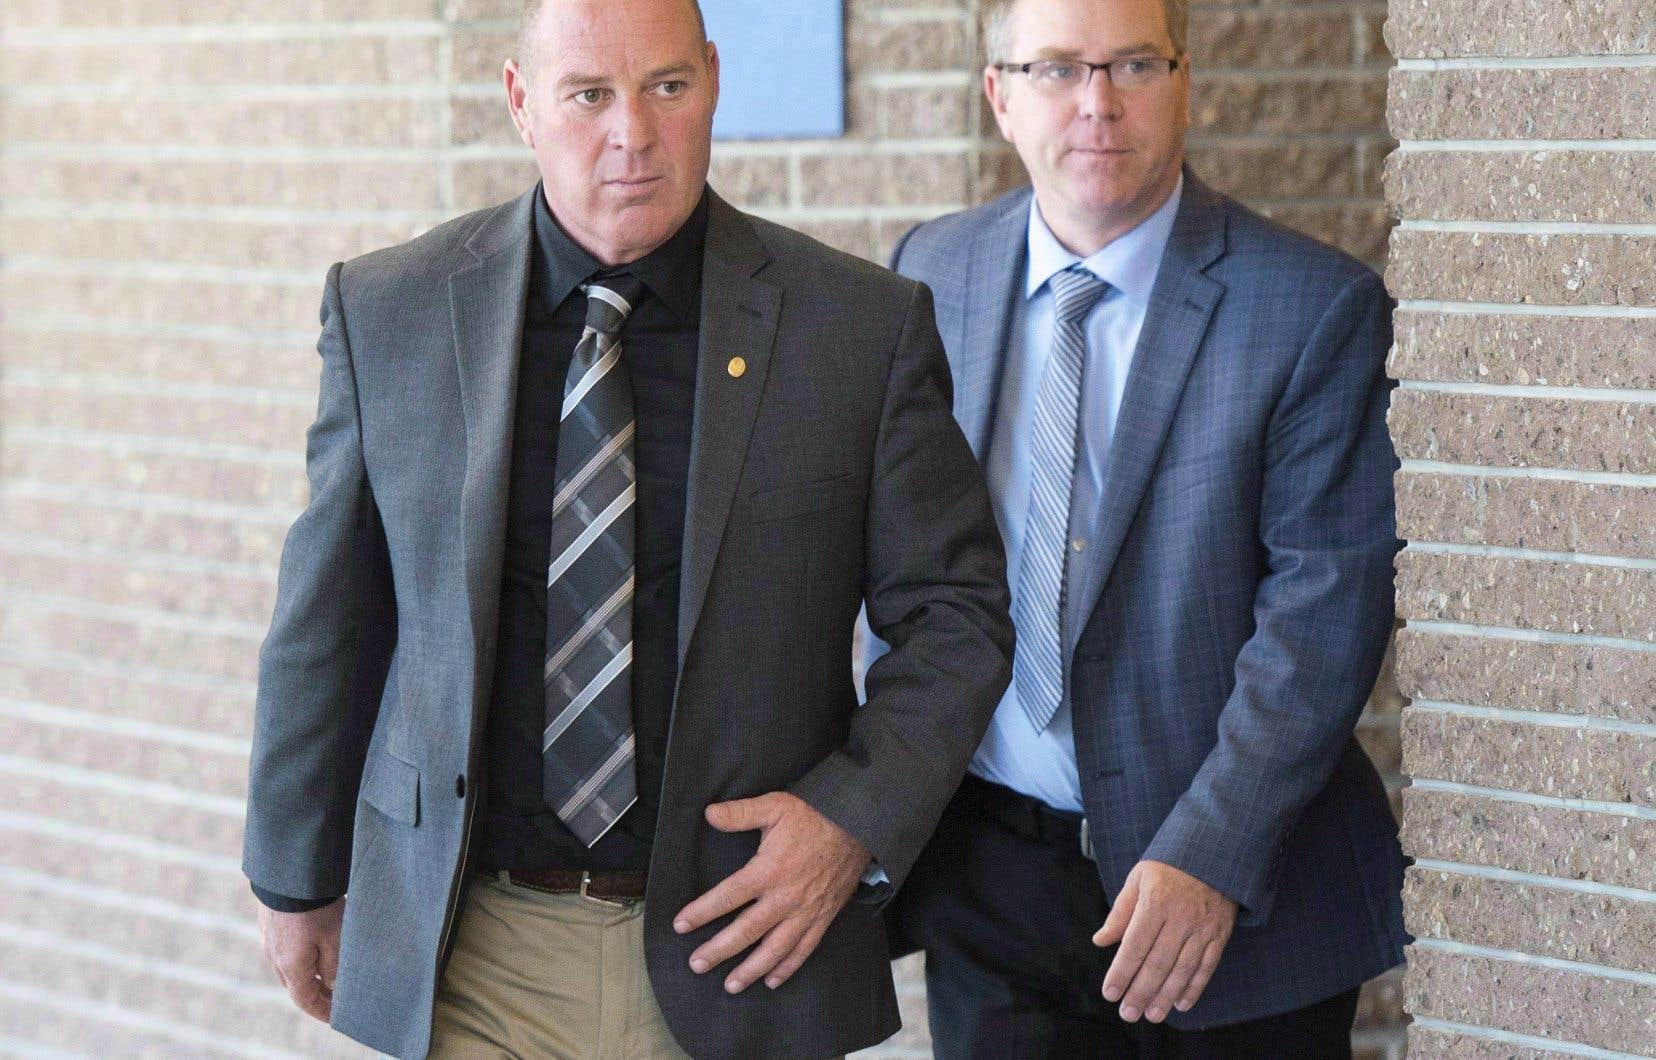 Le chef de train Thomas Harding a plaidé non coupable à l'accusation de négligence criminelle ayant causé la mort.